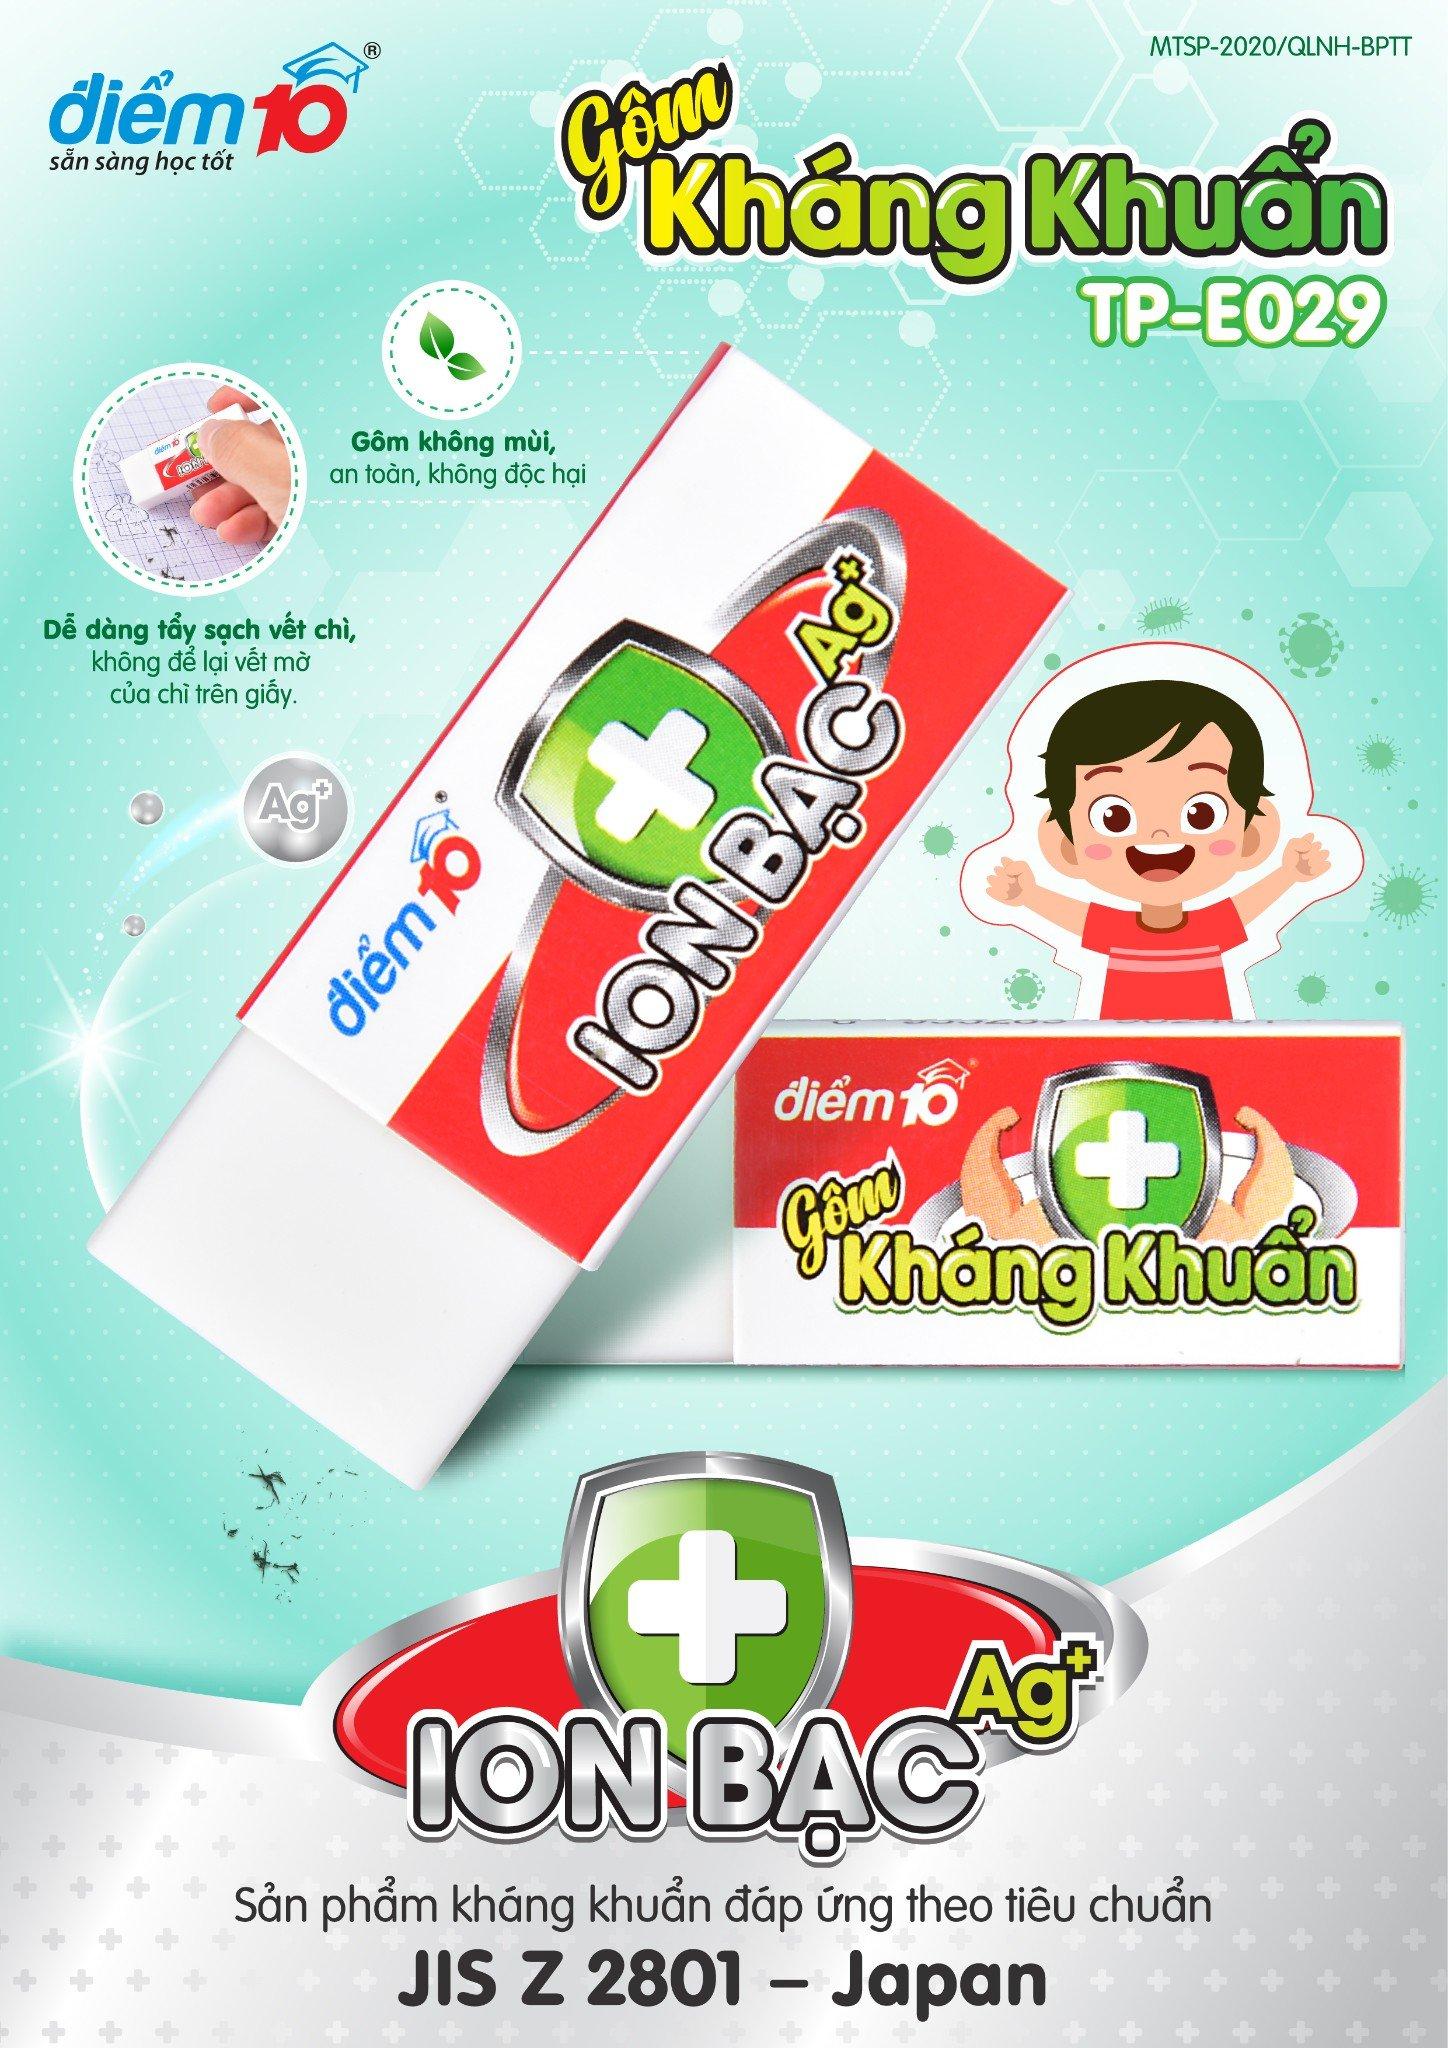 Gôm kháng khuẩn Điểm 10 TP-E029